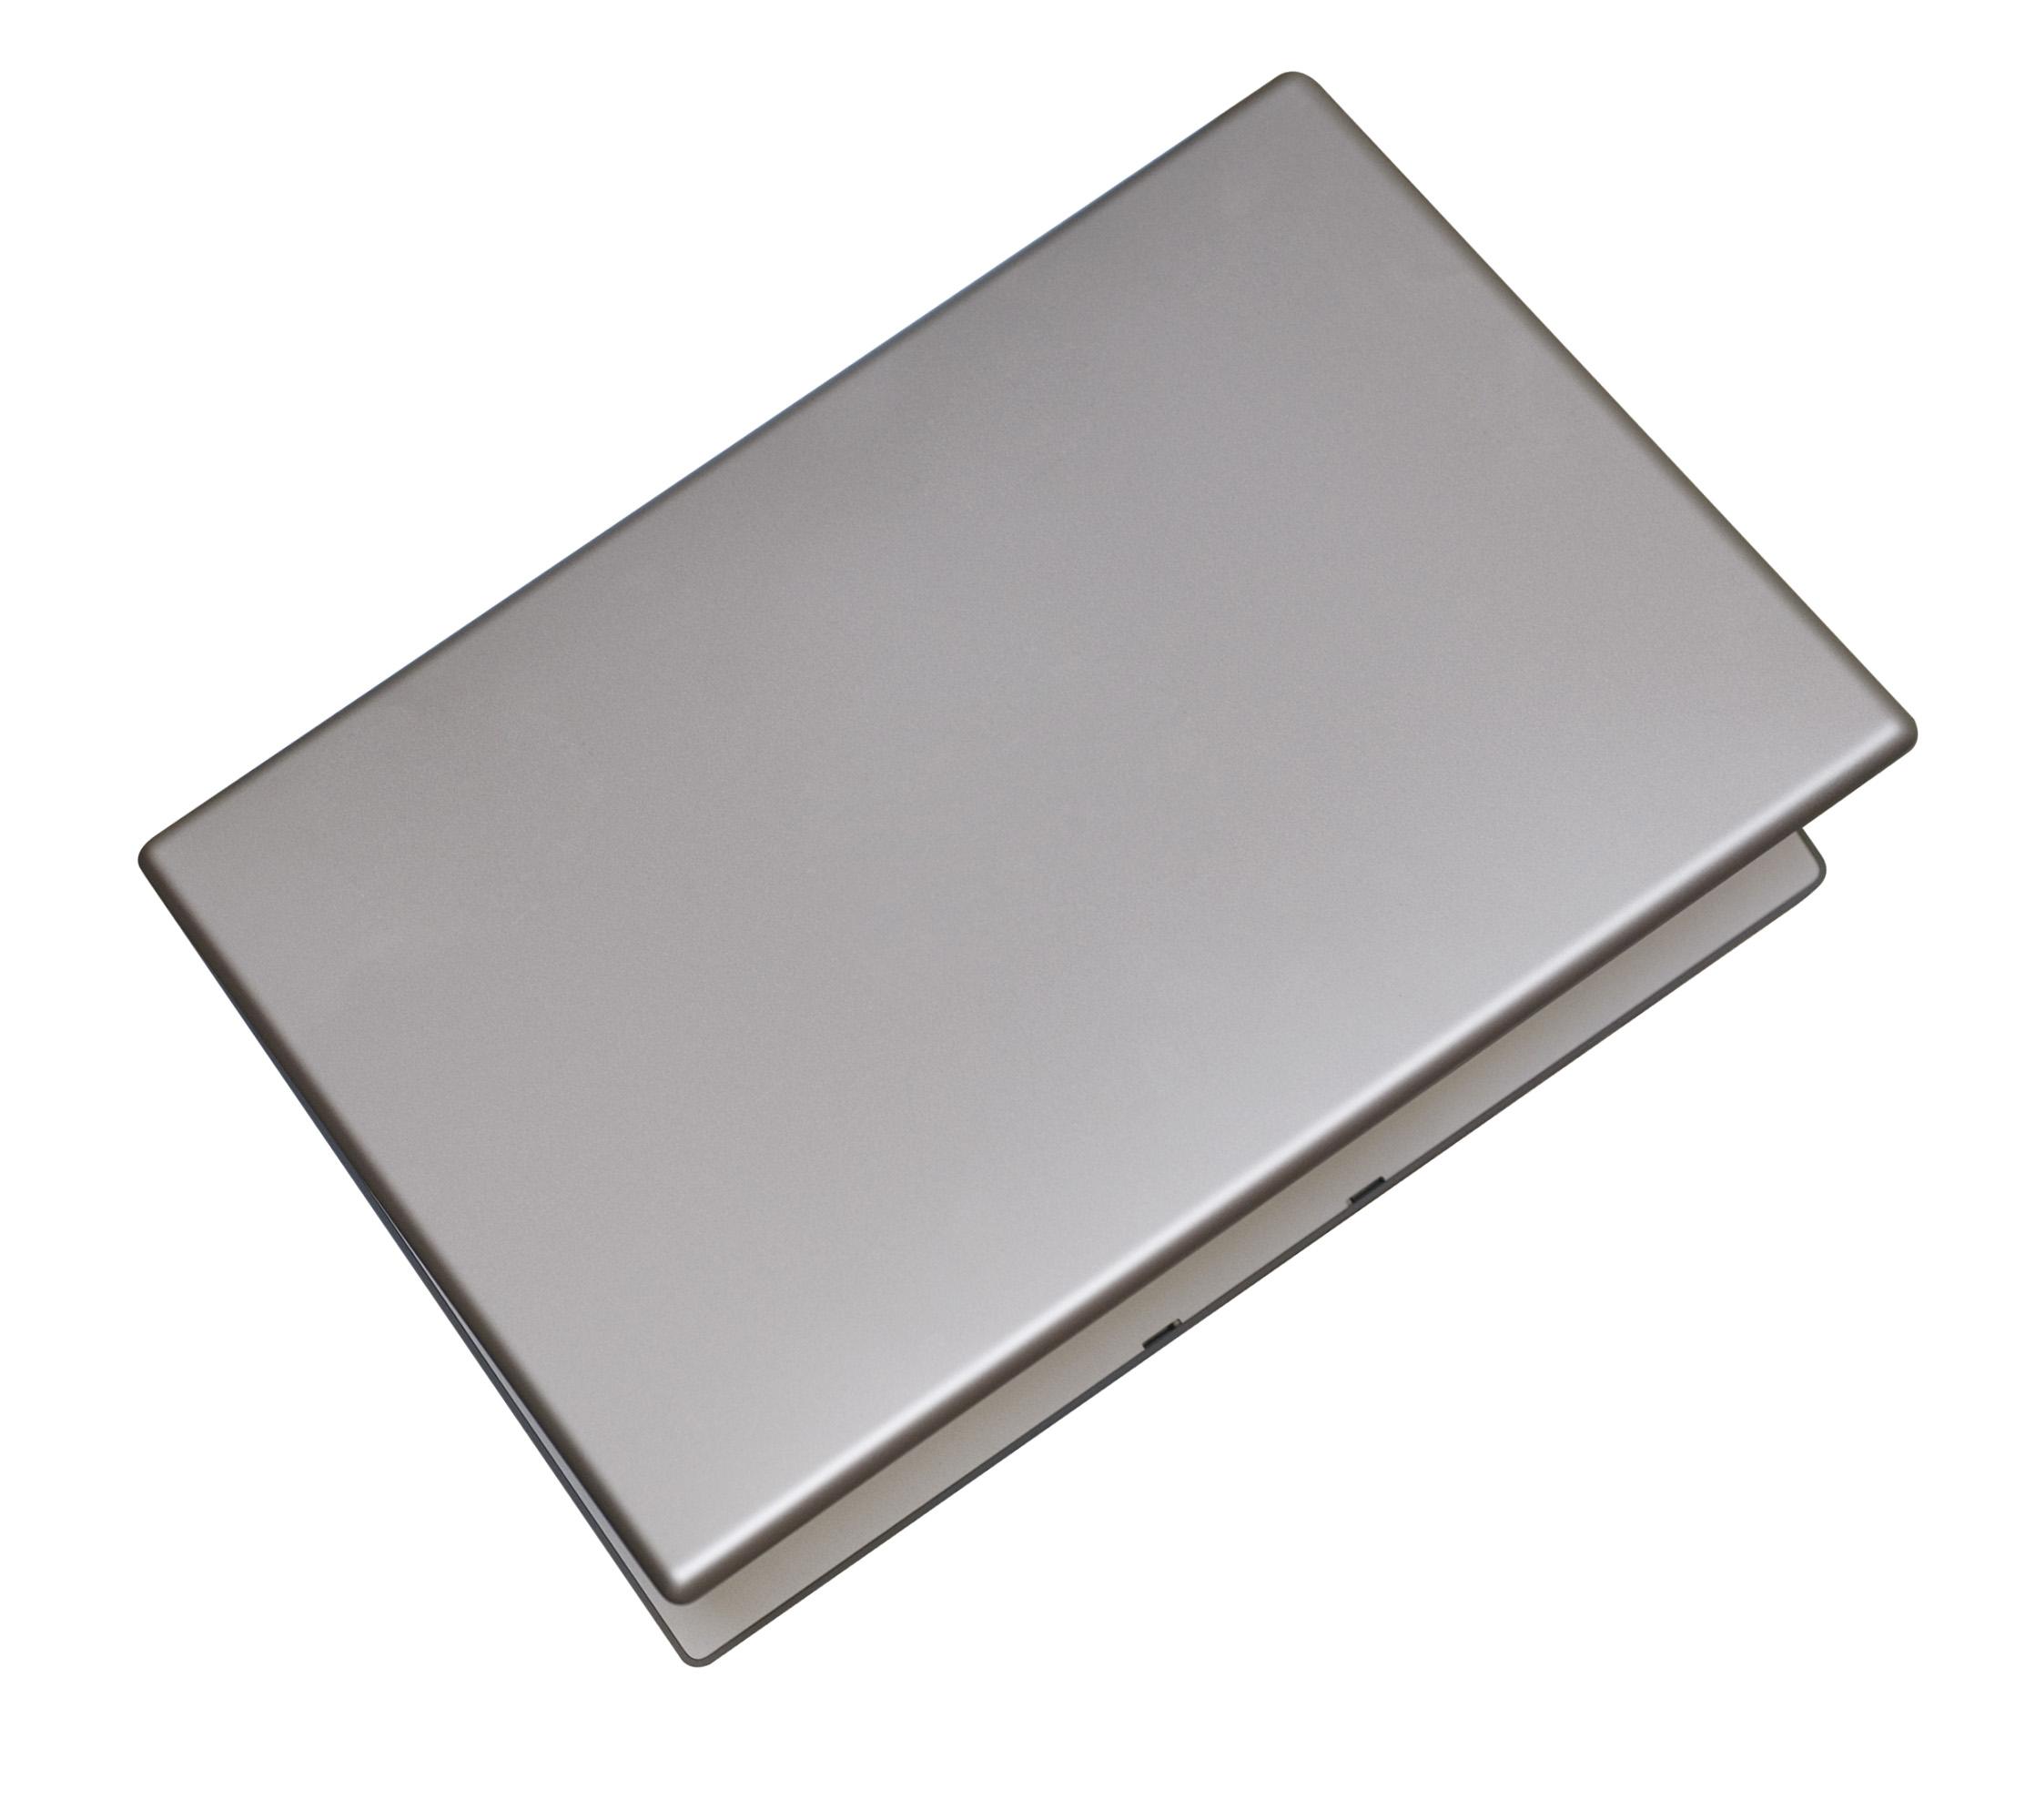 Sleek Laptop Lid